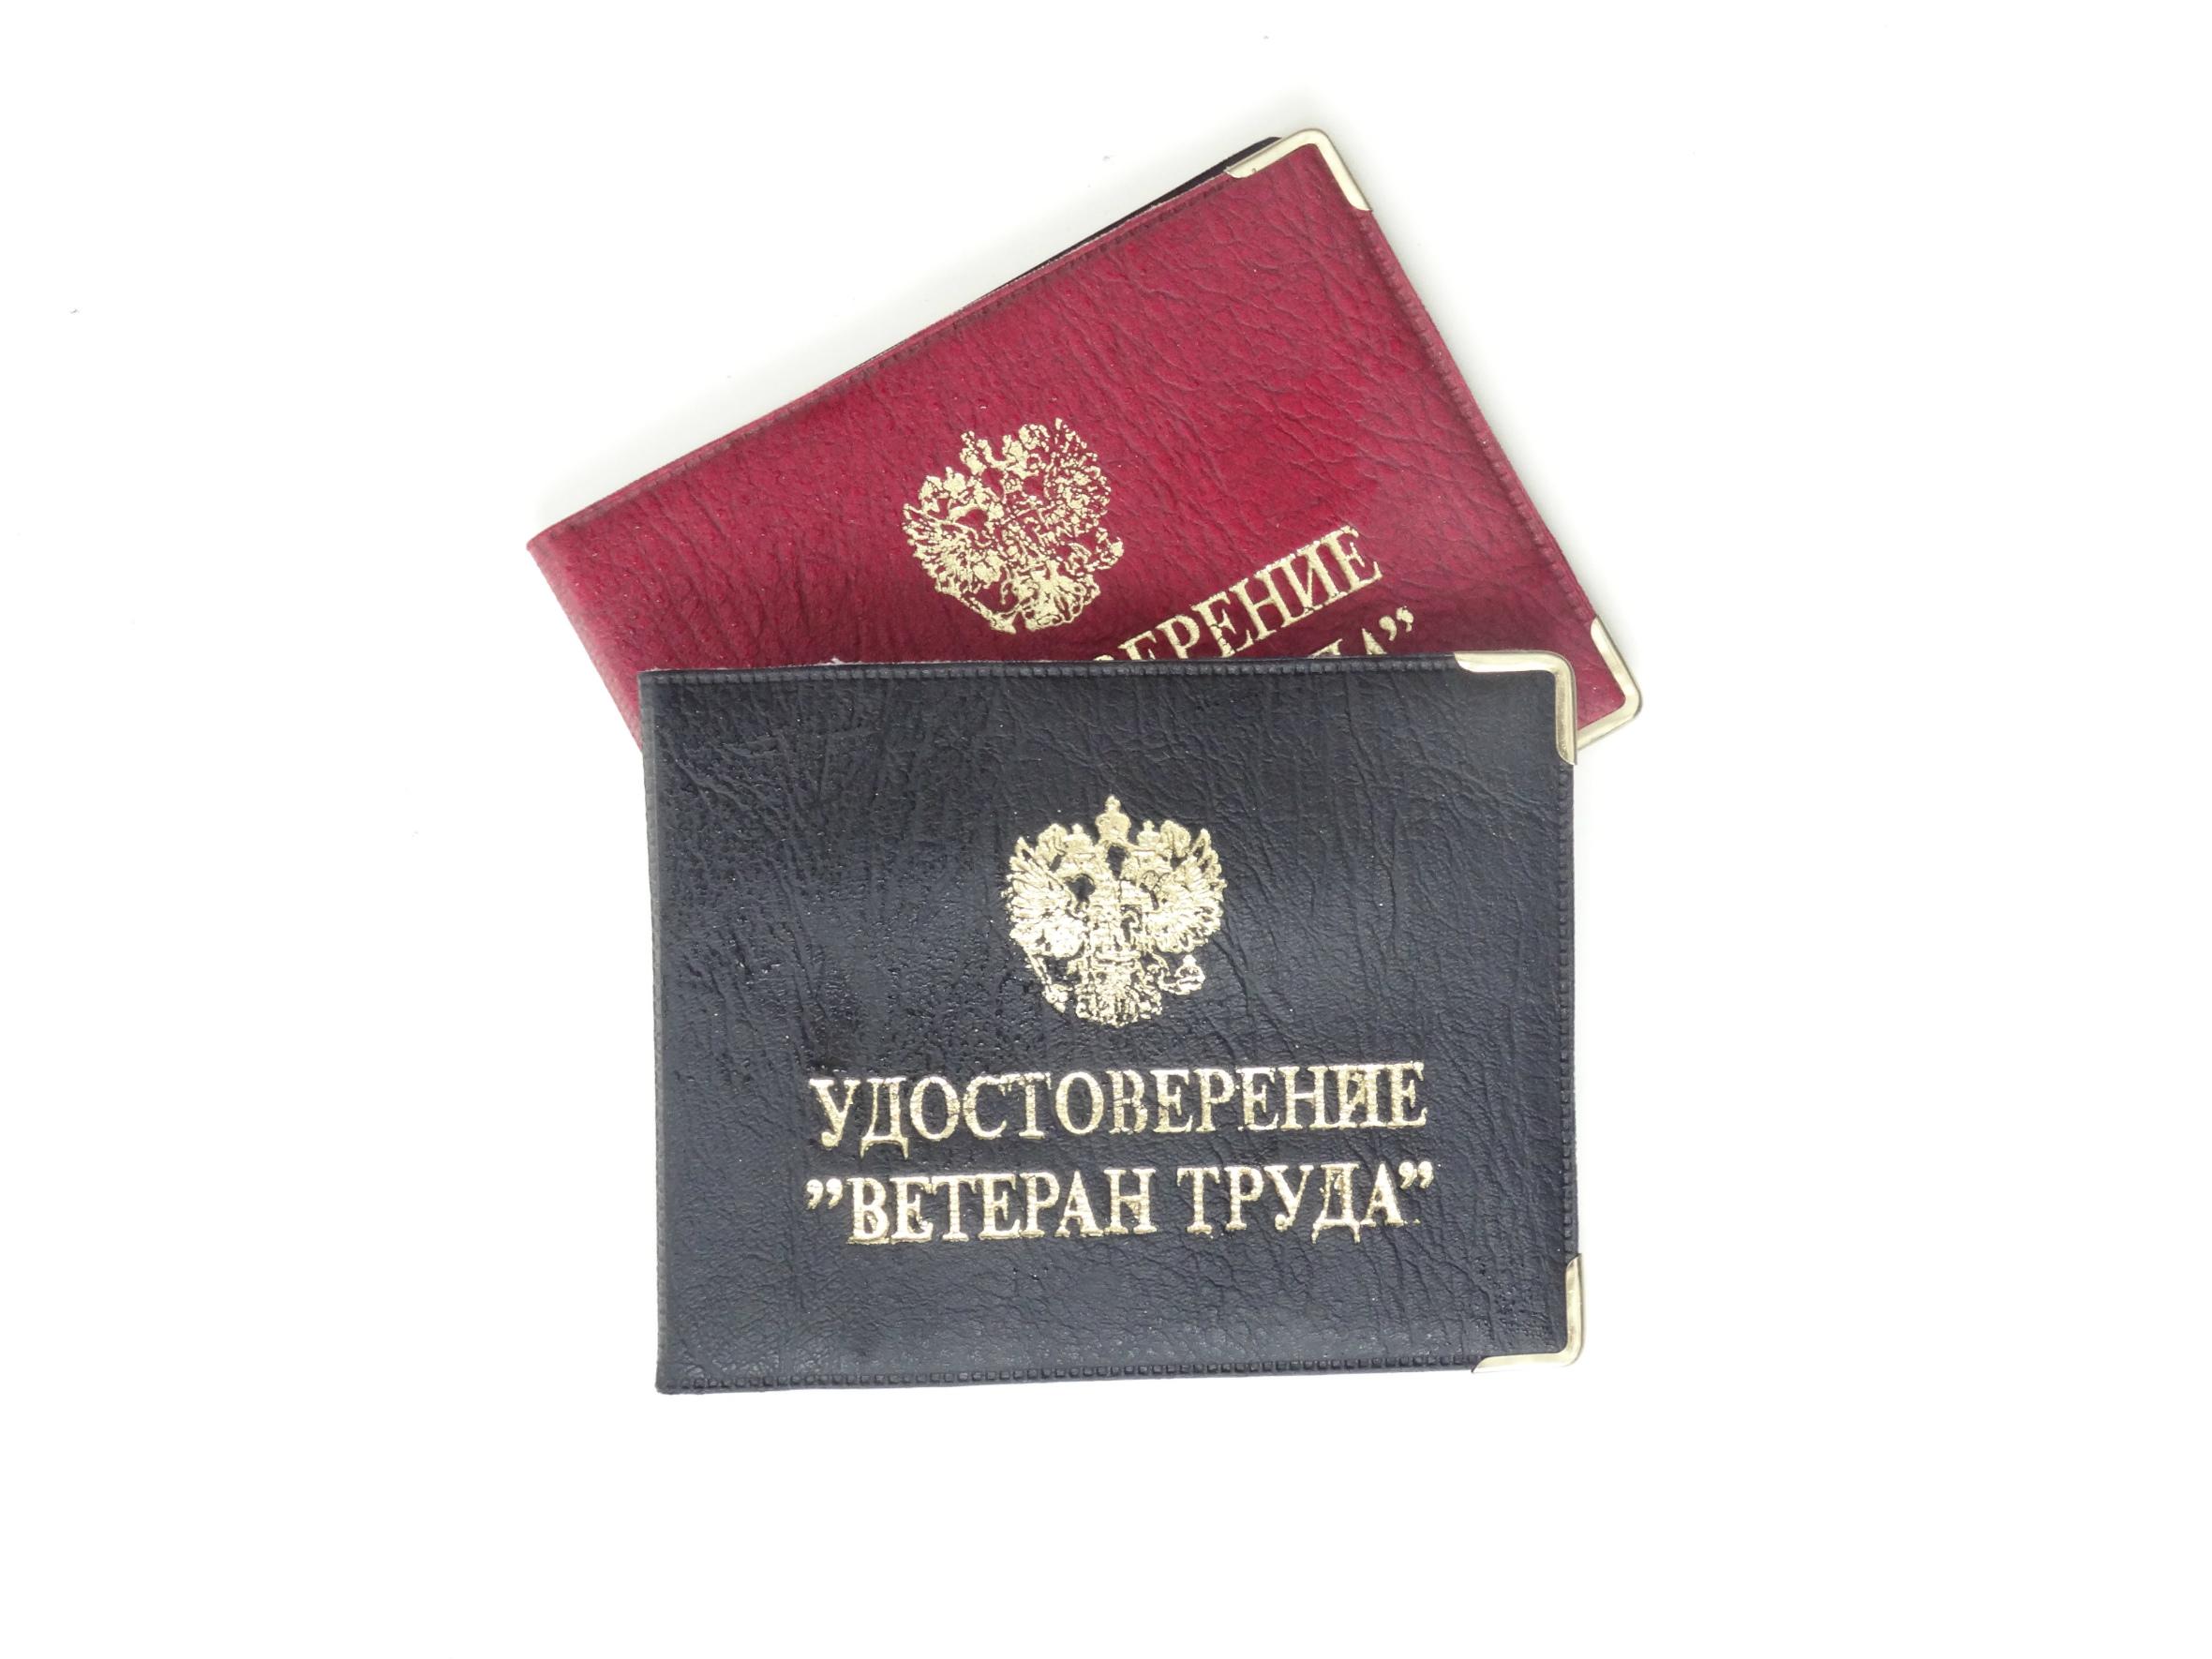 Дата регистрации по месту жительства